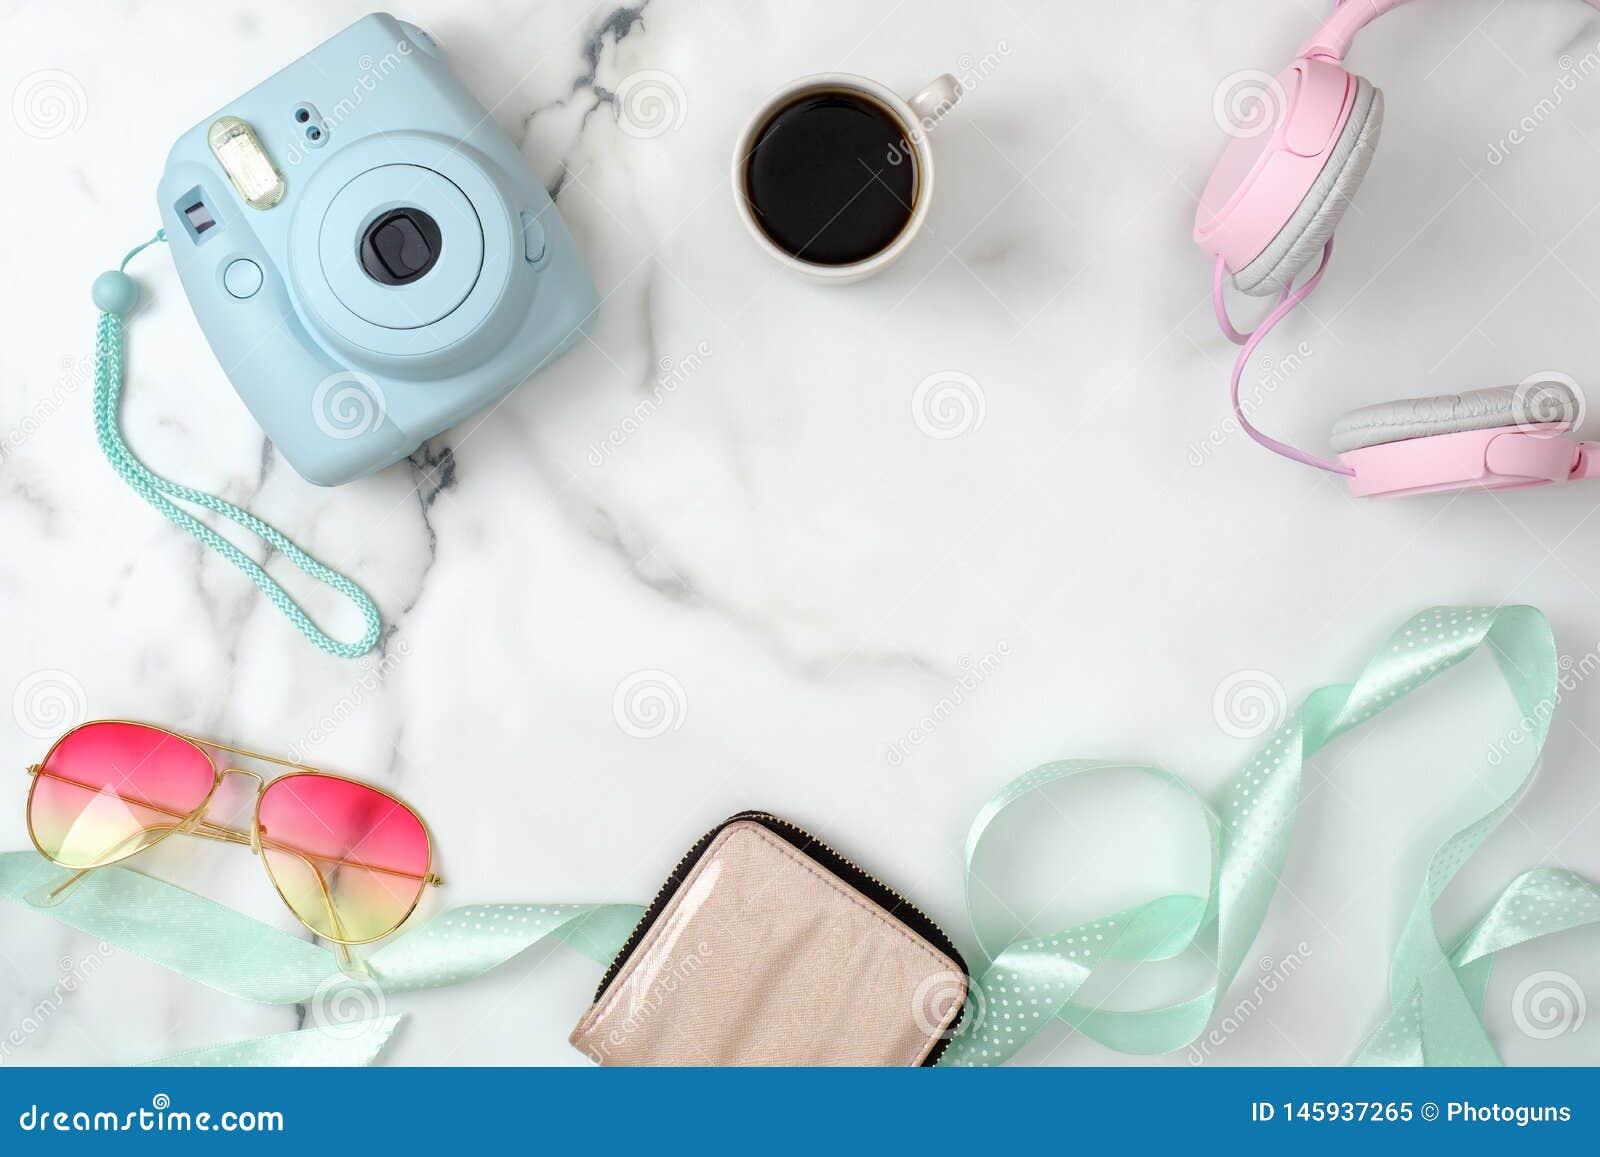 E Modern fotokamera, kopp kaffe, handv?ska, solglas?gon, h?rlurar p? marmor